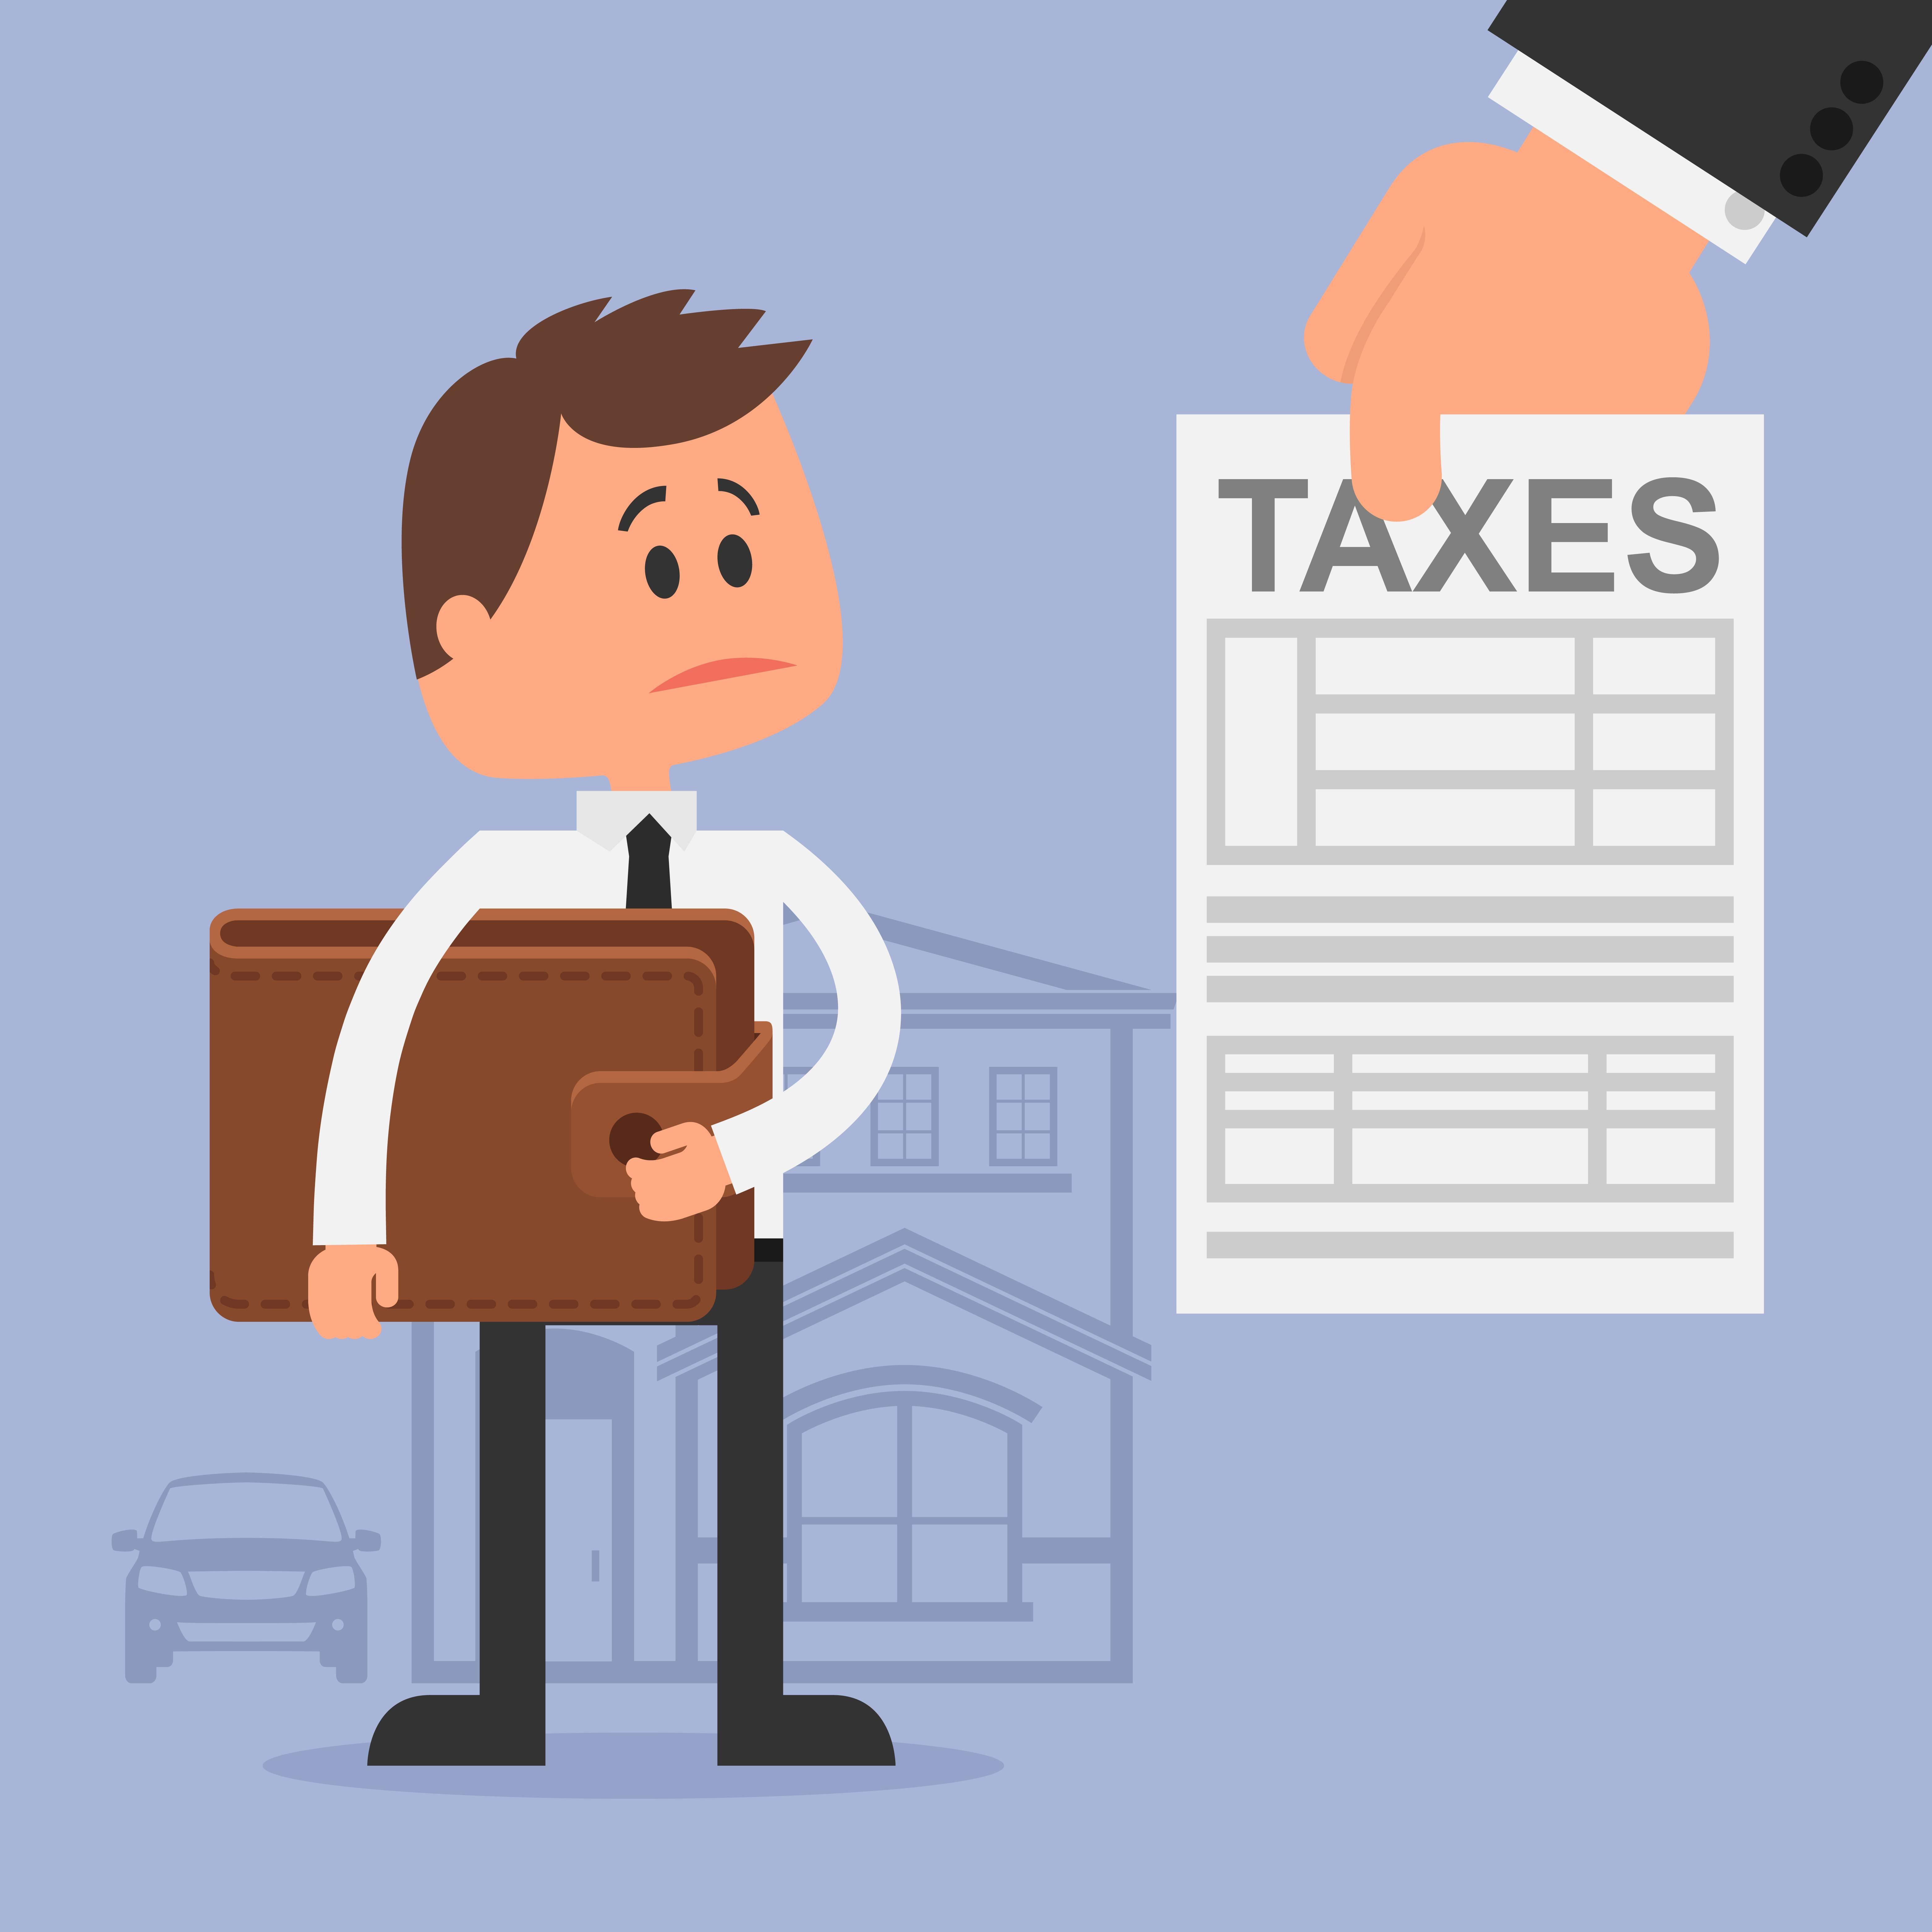 Bail Meublé étudiant : Qui Est Redevable De La Taxe Du0027habitation ?